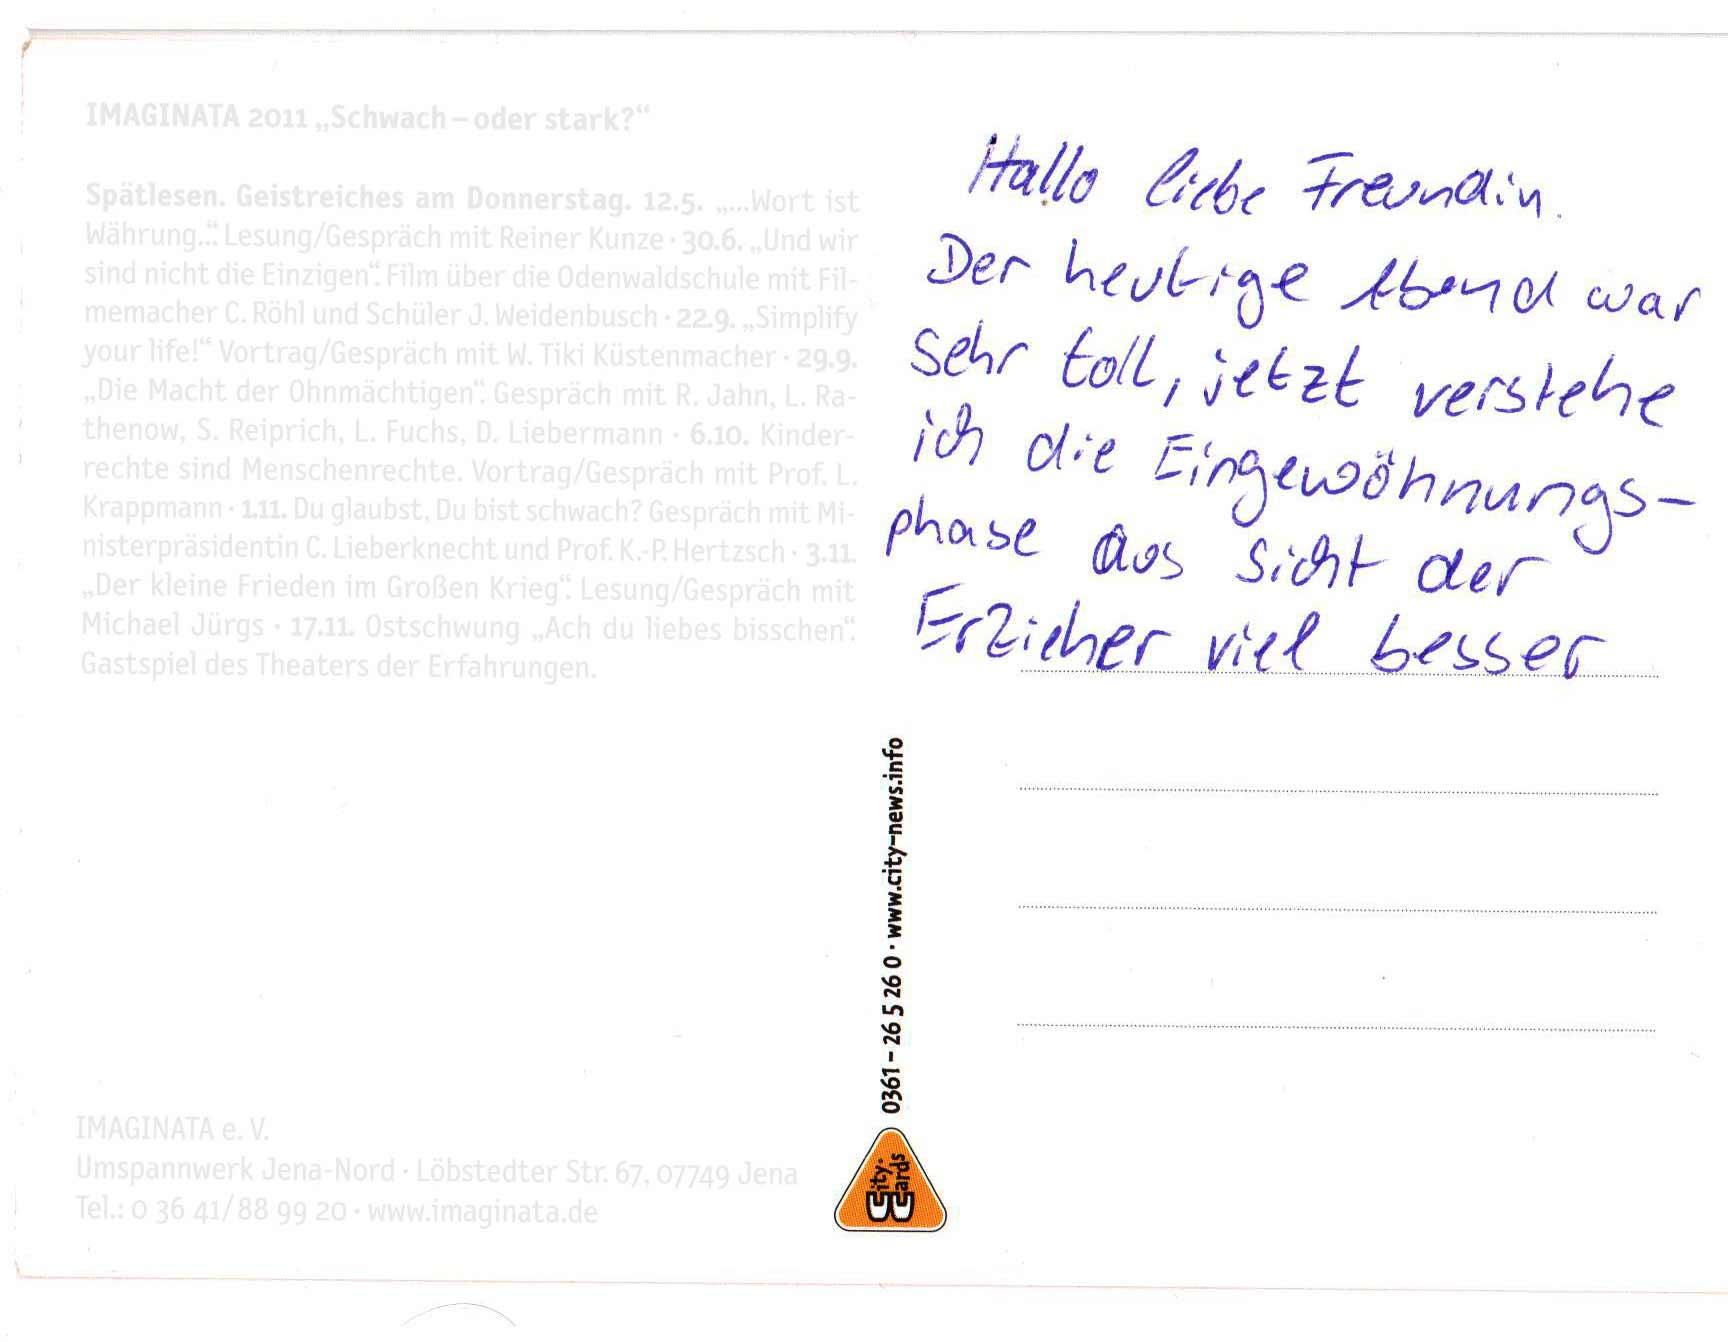 safe®-elternabend-reihe in erfurter krippen - professionelle, Einladung